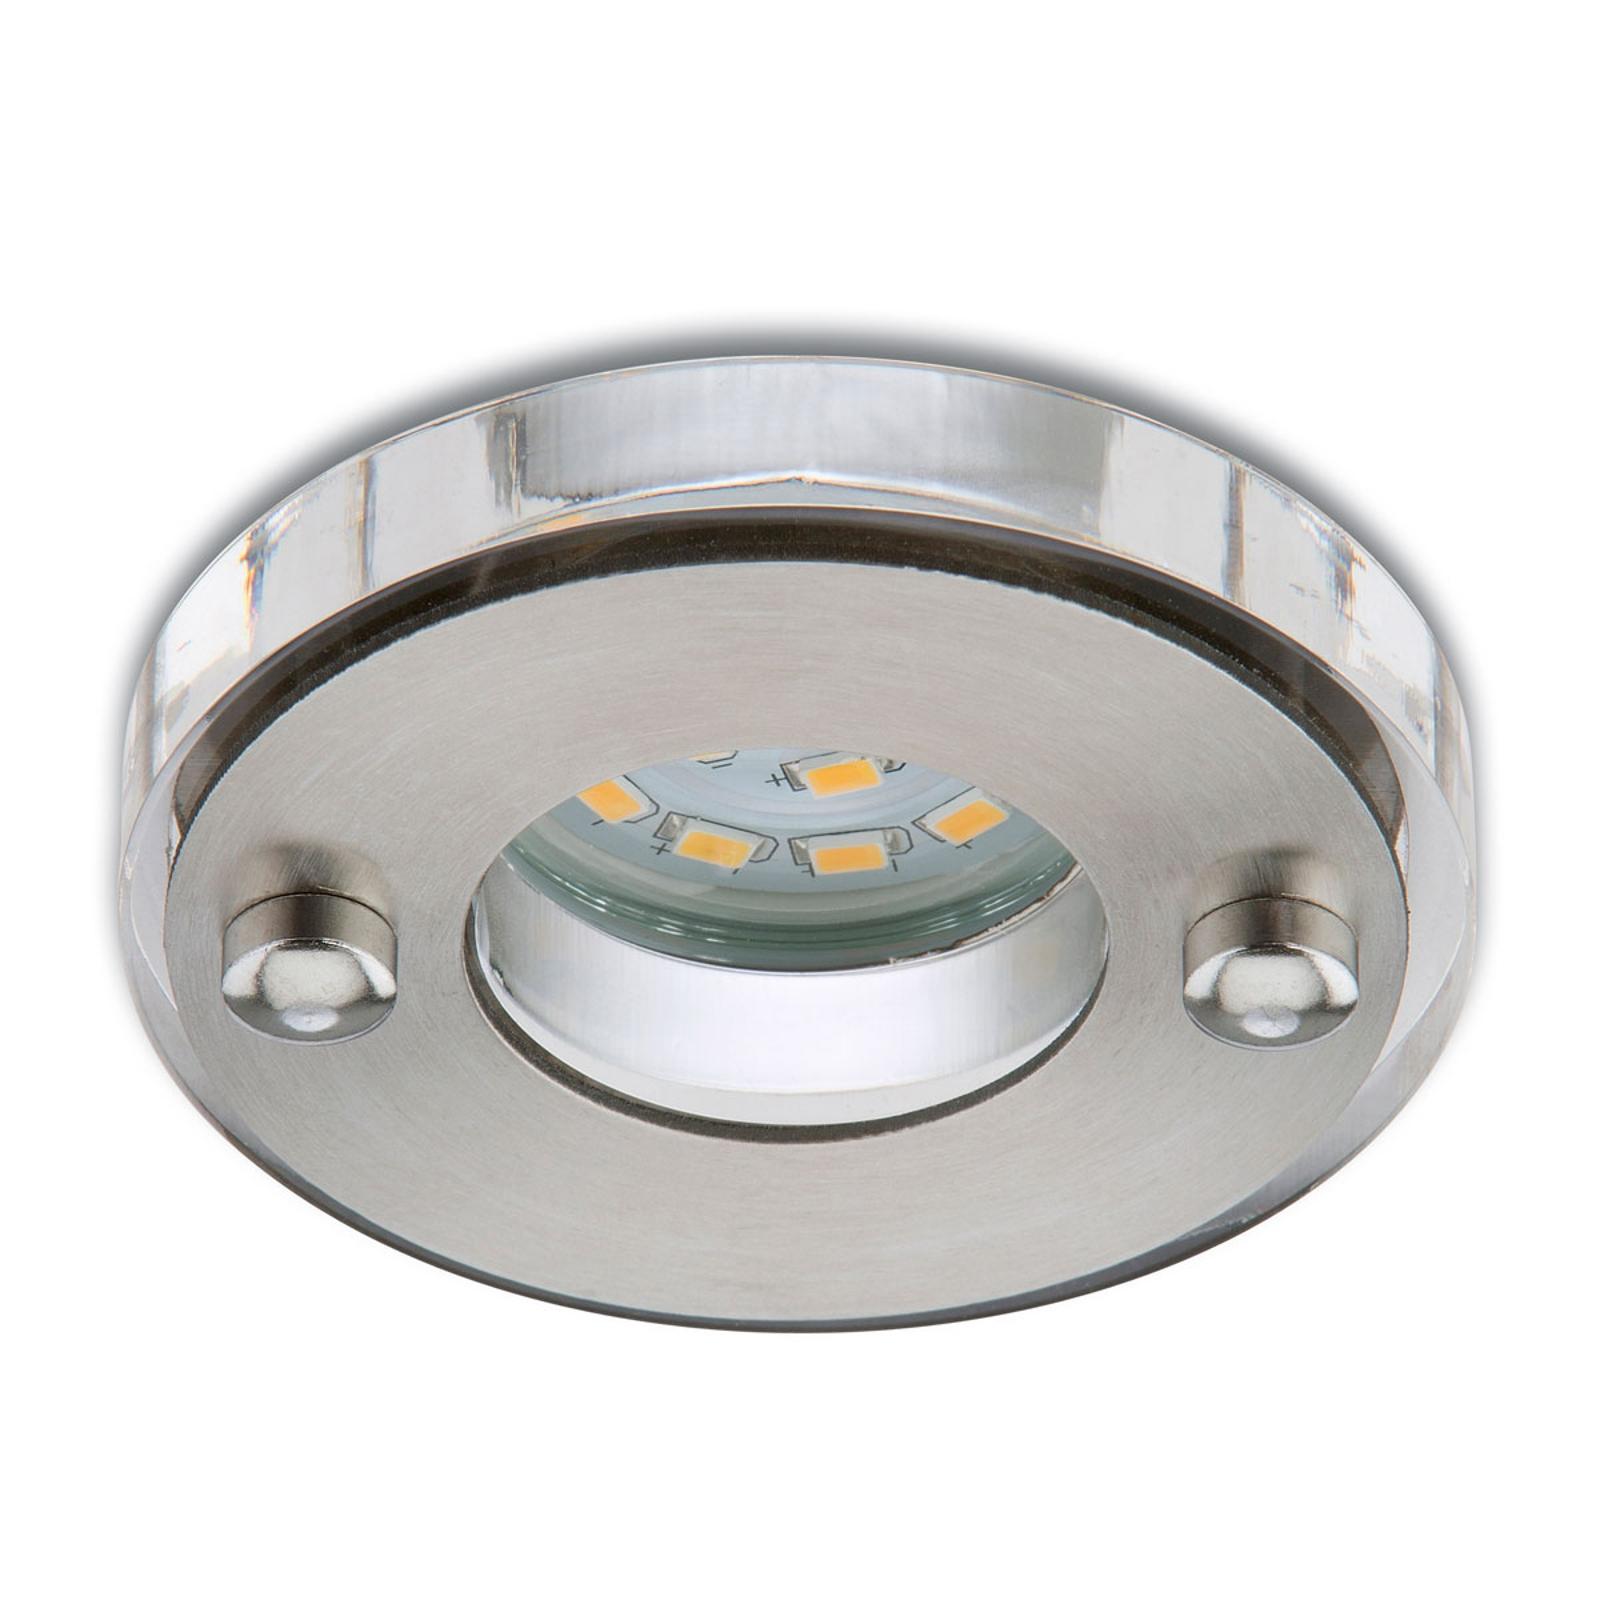 Matowo-niklowy reflektor wpuszczany LED Nikas IP23